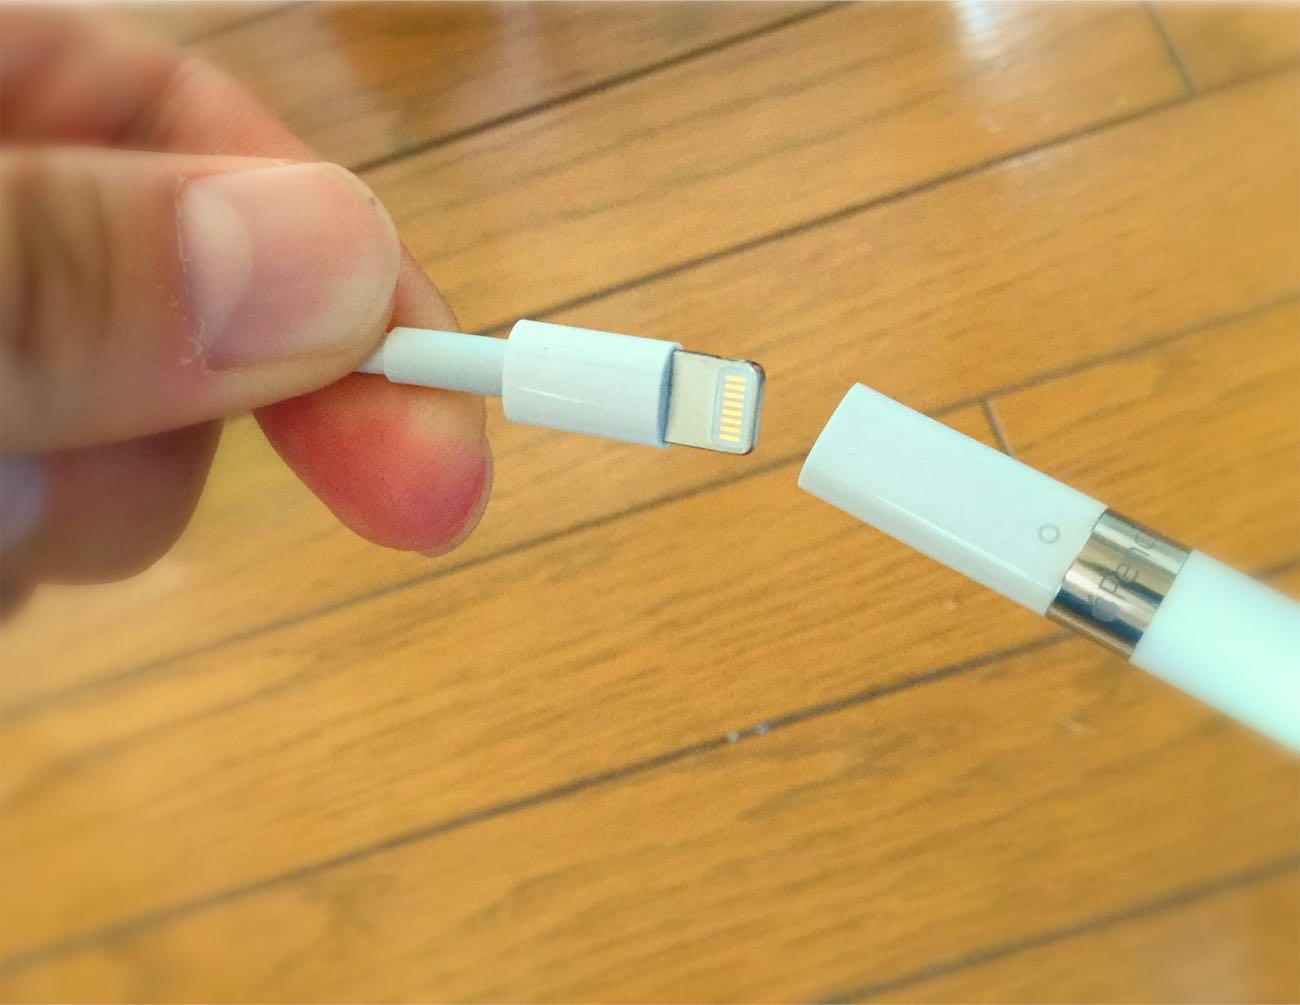 普通のiPhoneやiPad(iPad Pro)の充電ケーブルで充電できます